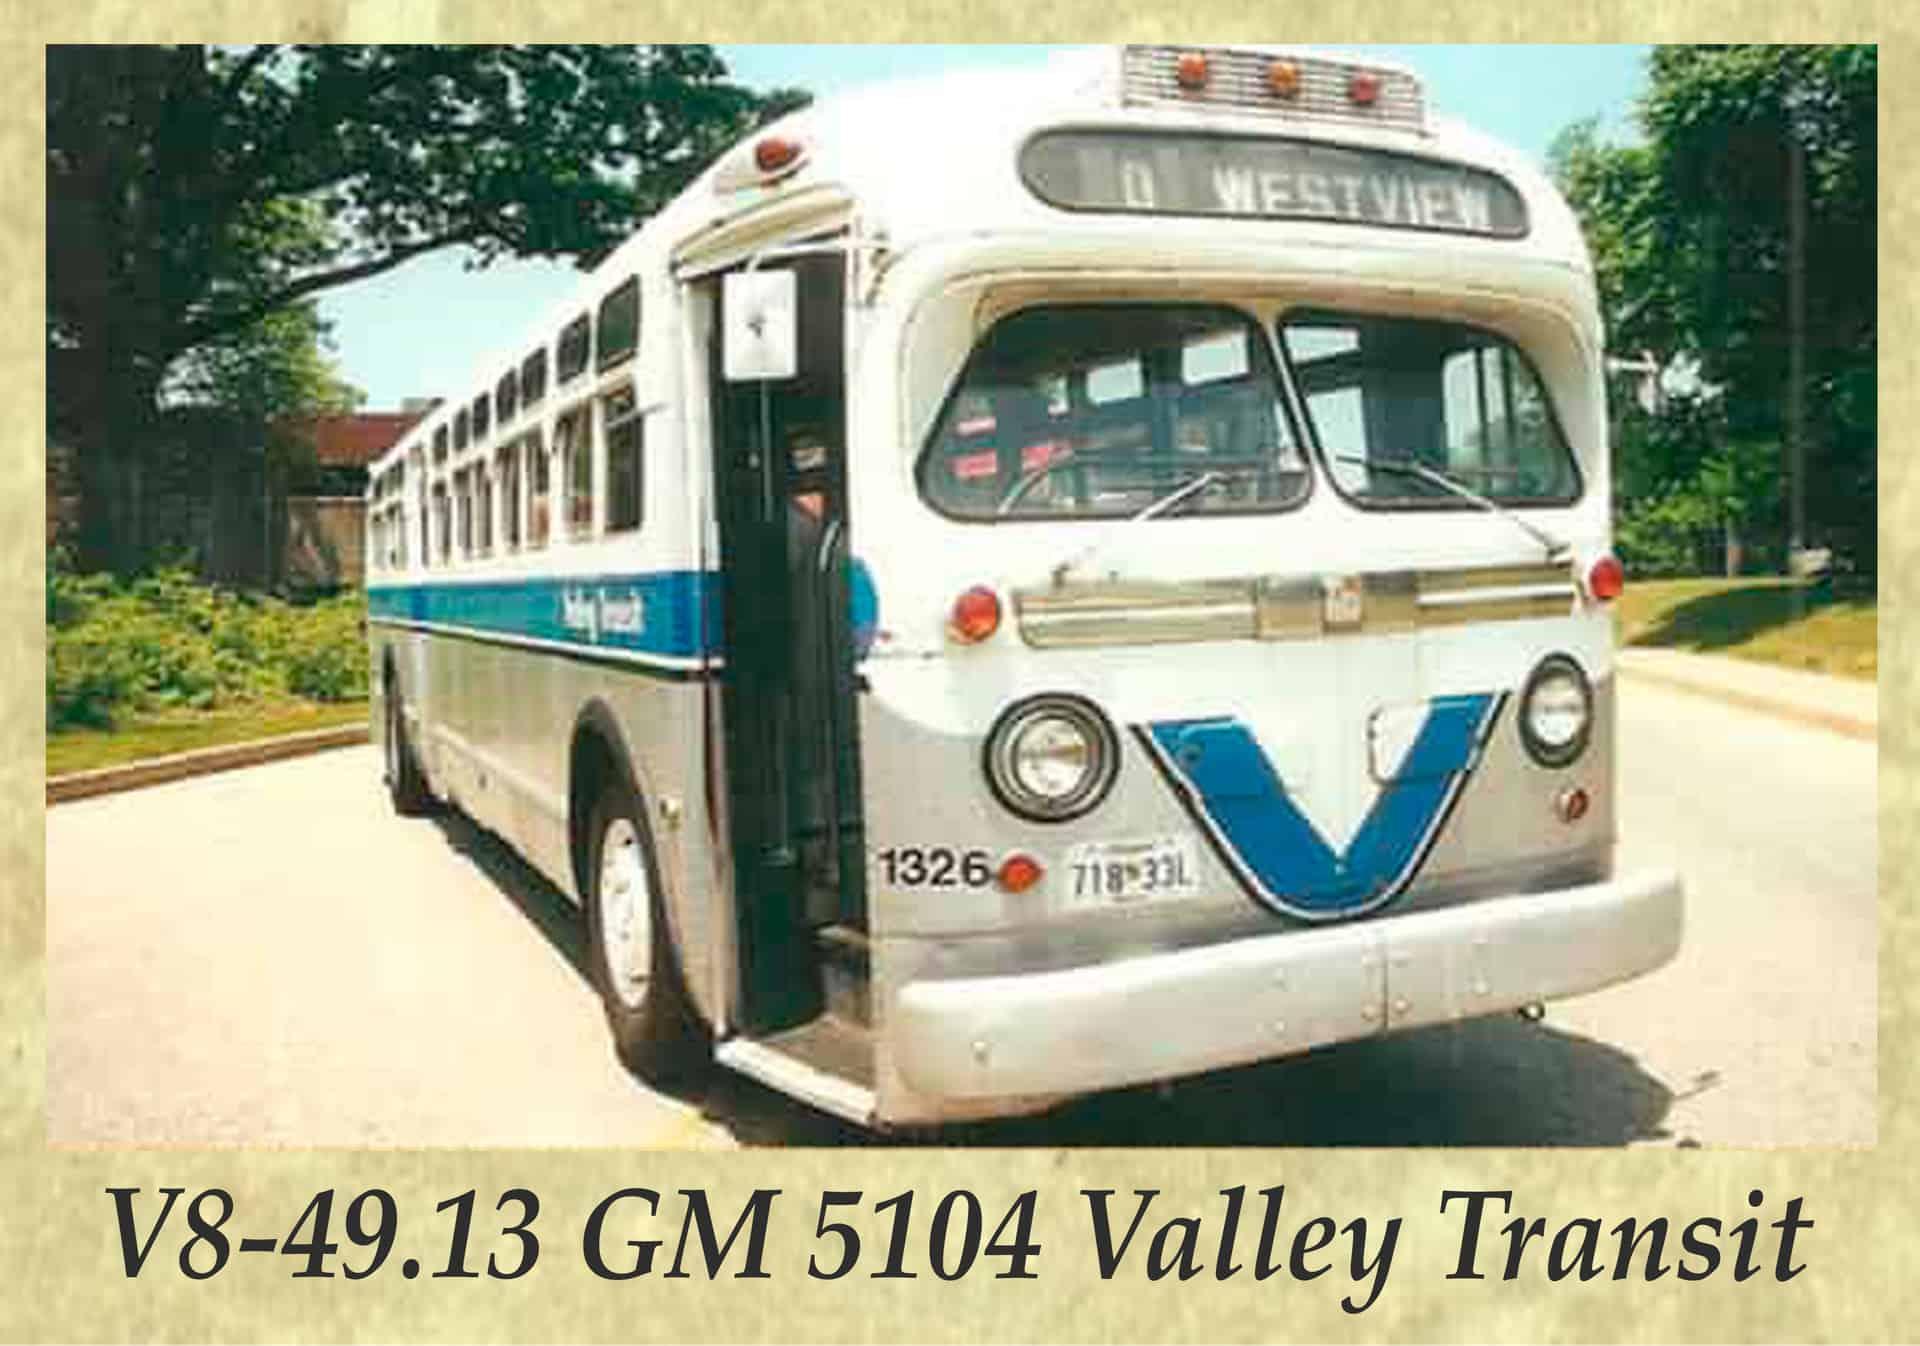 V8-49.13 GM 5104 Valley Transit